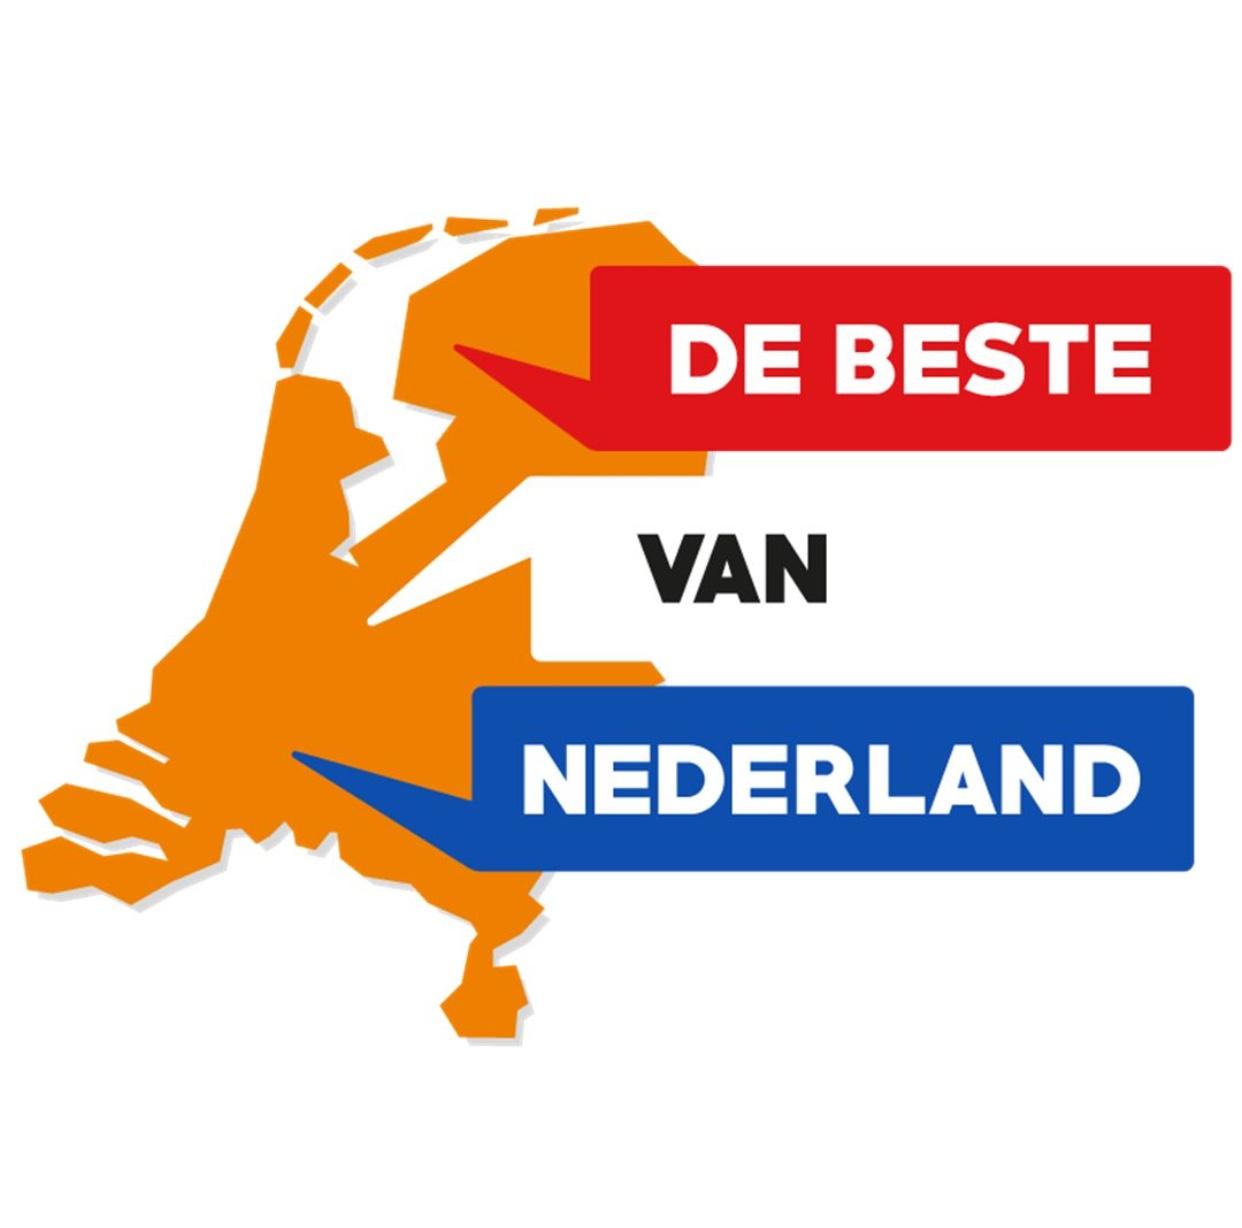 De beste van Nederland